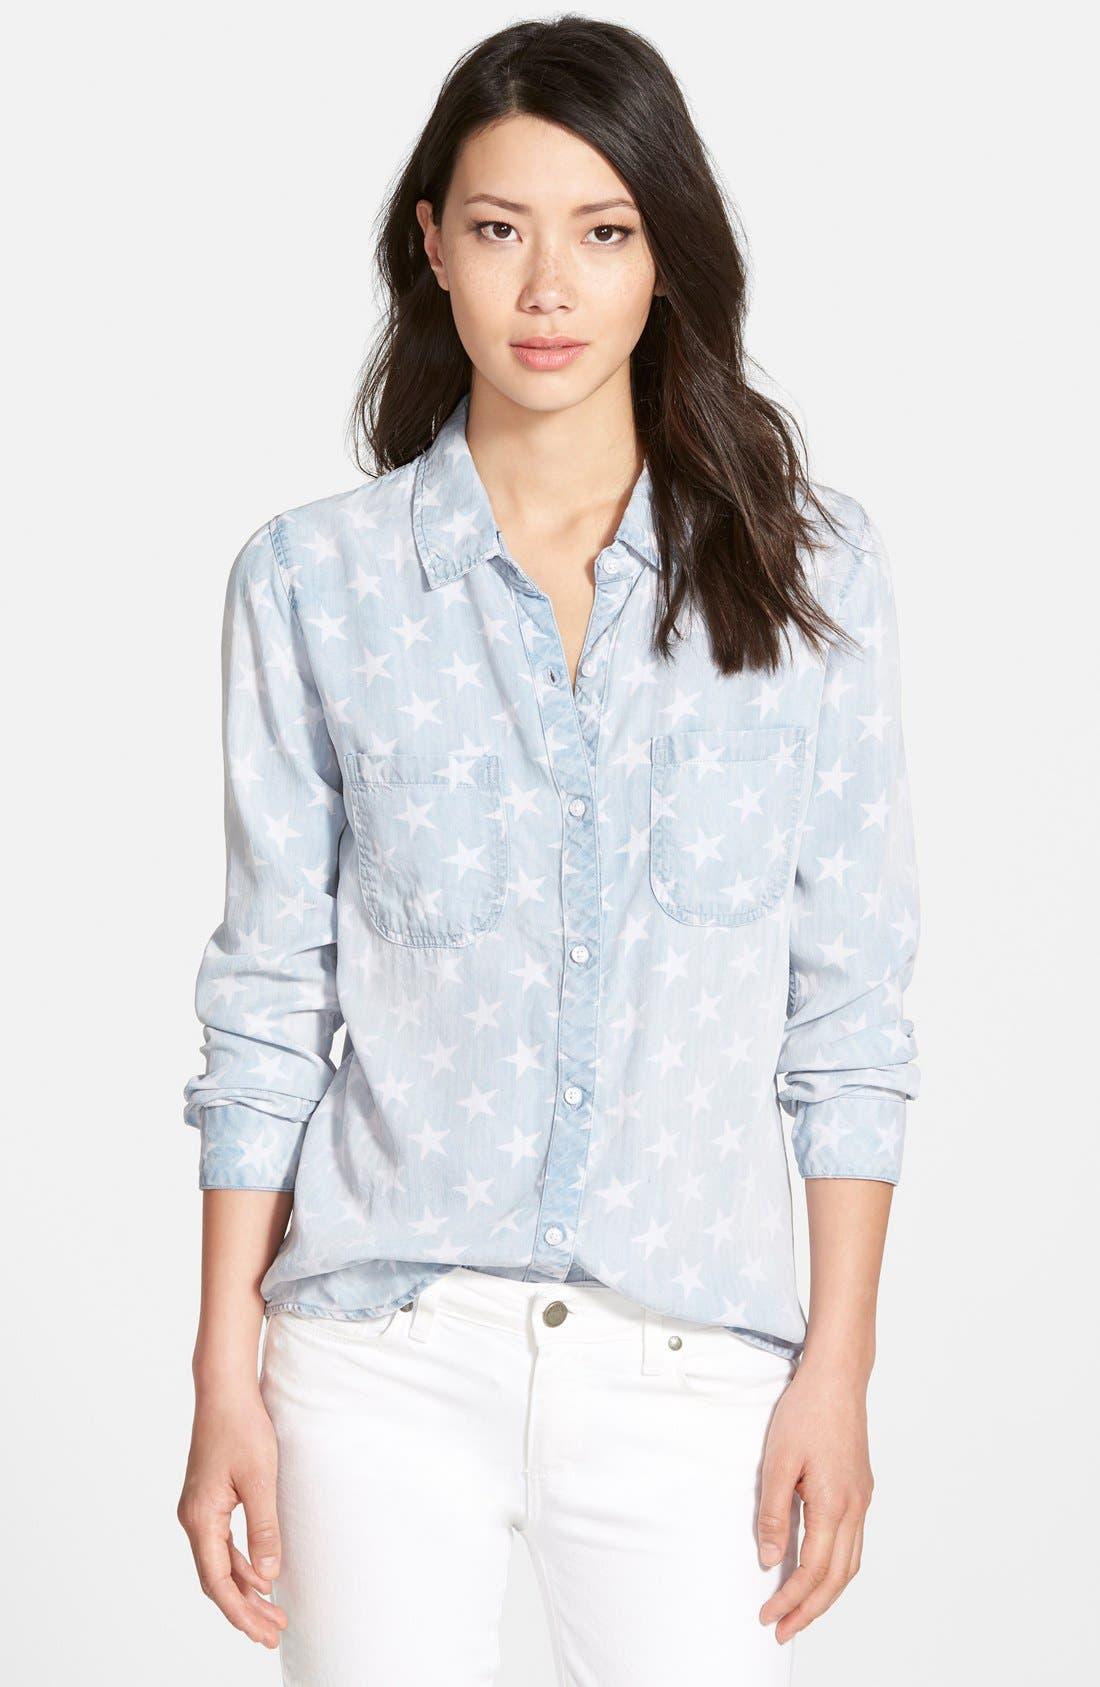 RAILS, 'Carter' Chambray Shirt, Main thumbnail 1, color, 425